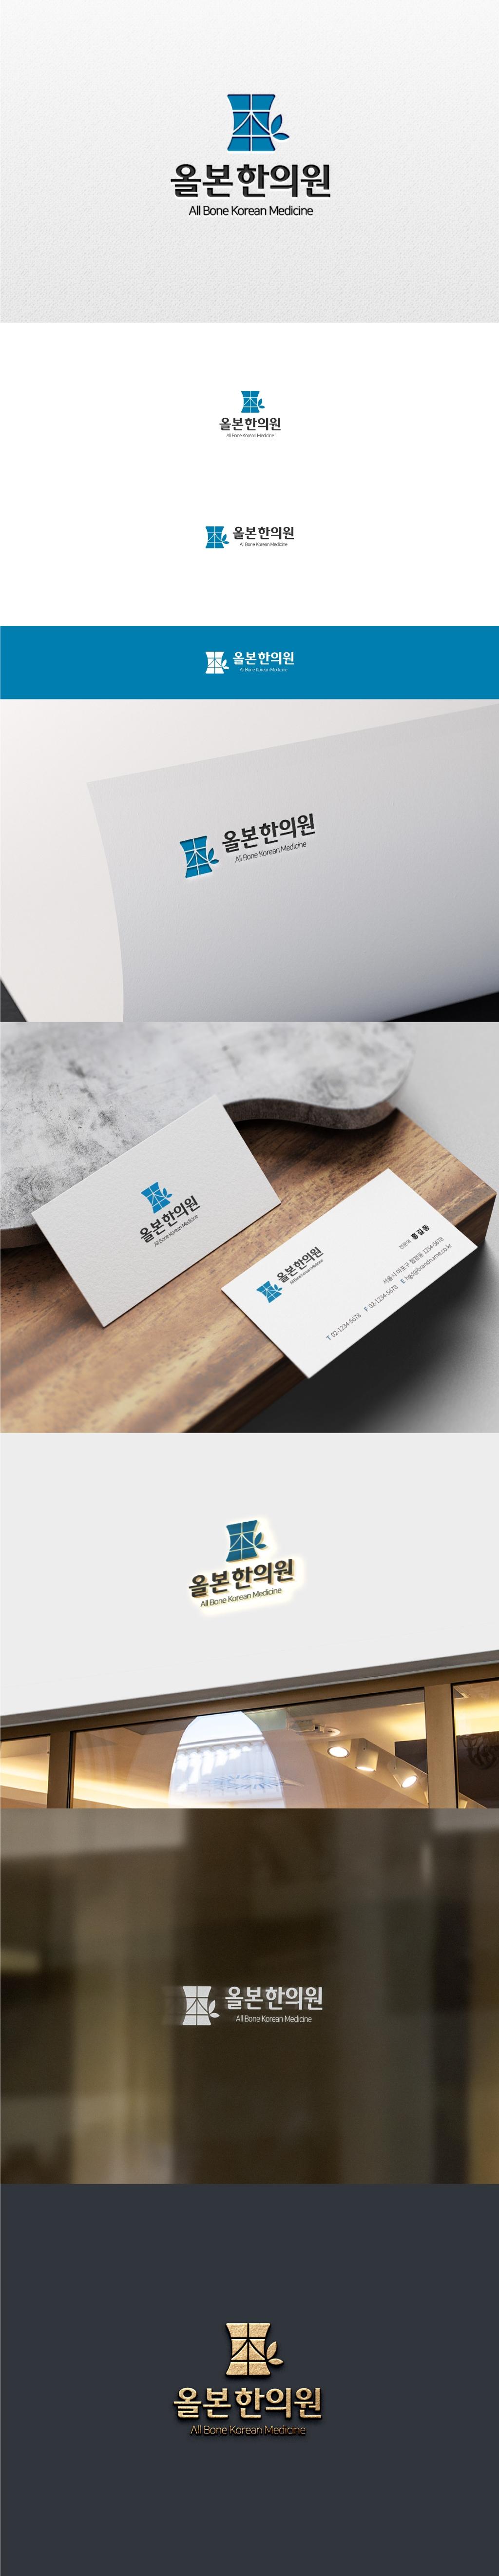 로고+간판 디자인 | 한의원 로고+간판 디자인 의뢰 | 라우드소싱 포트폴리오